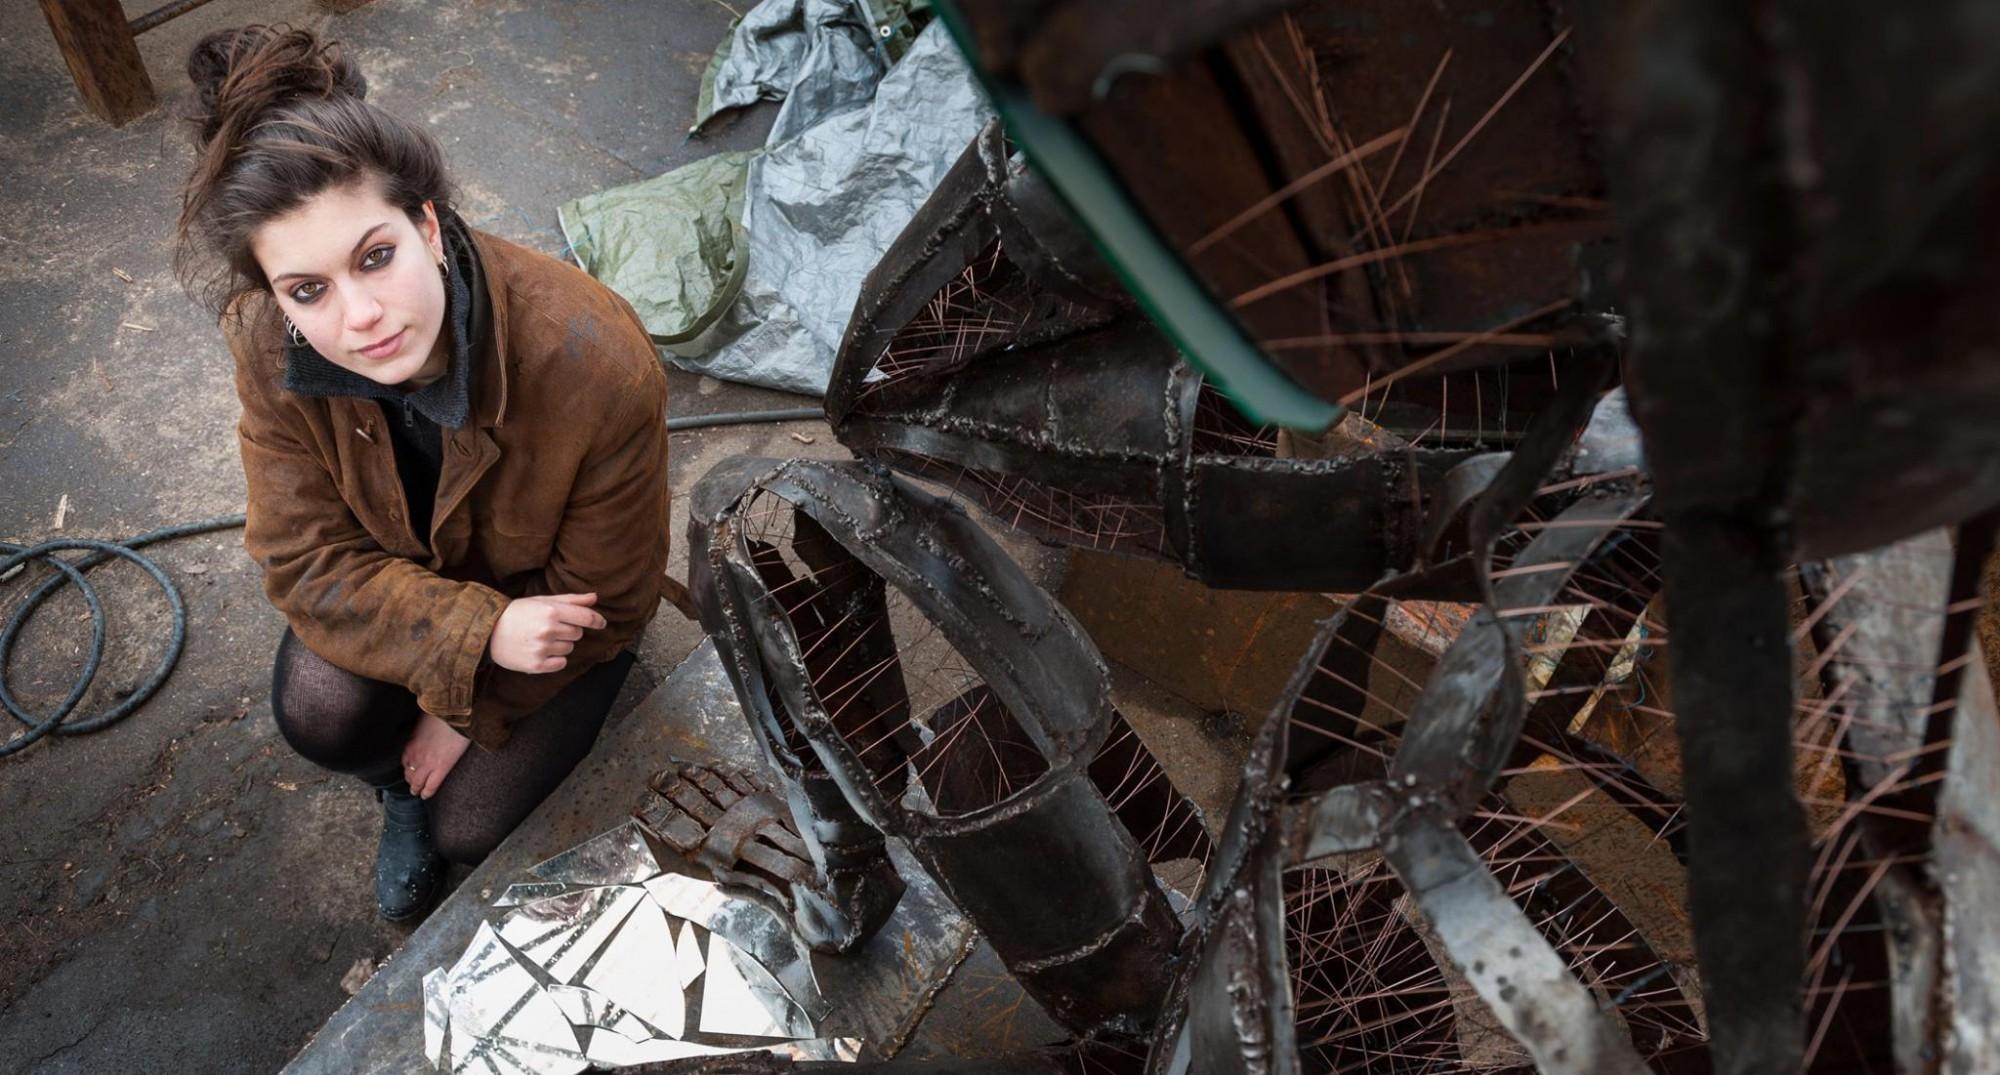 Il progetto FUORI parla tedesco: arriva a Grosseto la giovane artista Kerta von Kubin